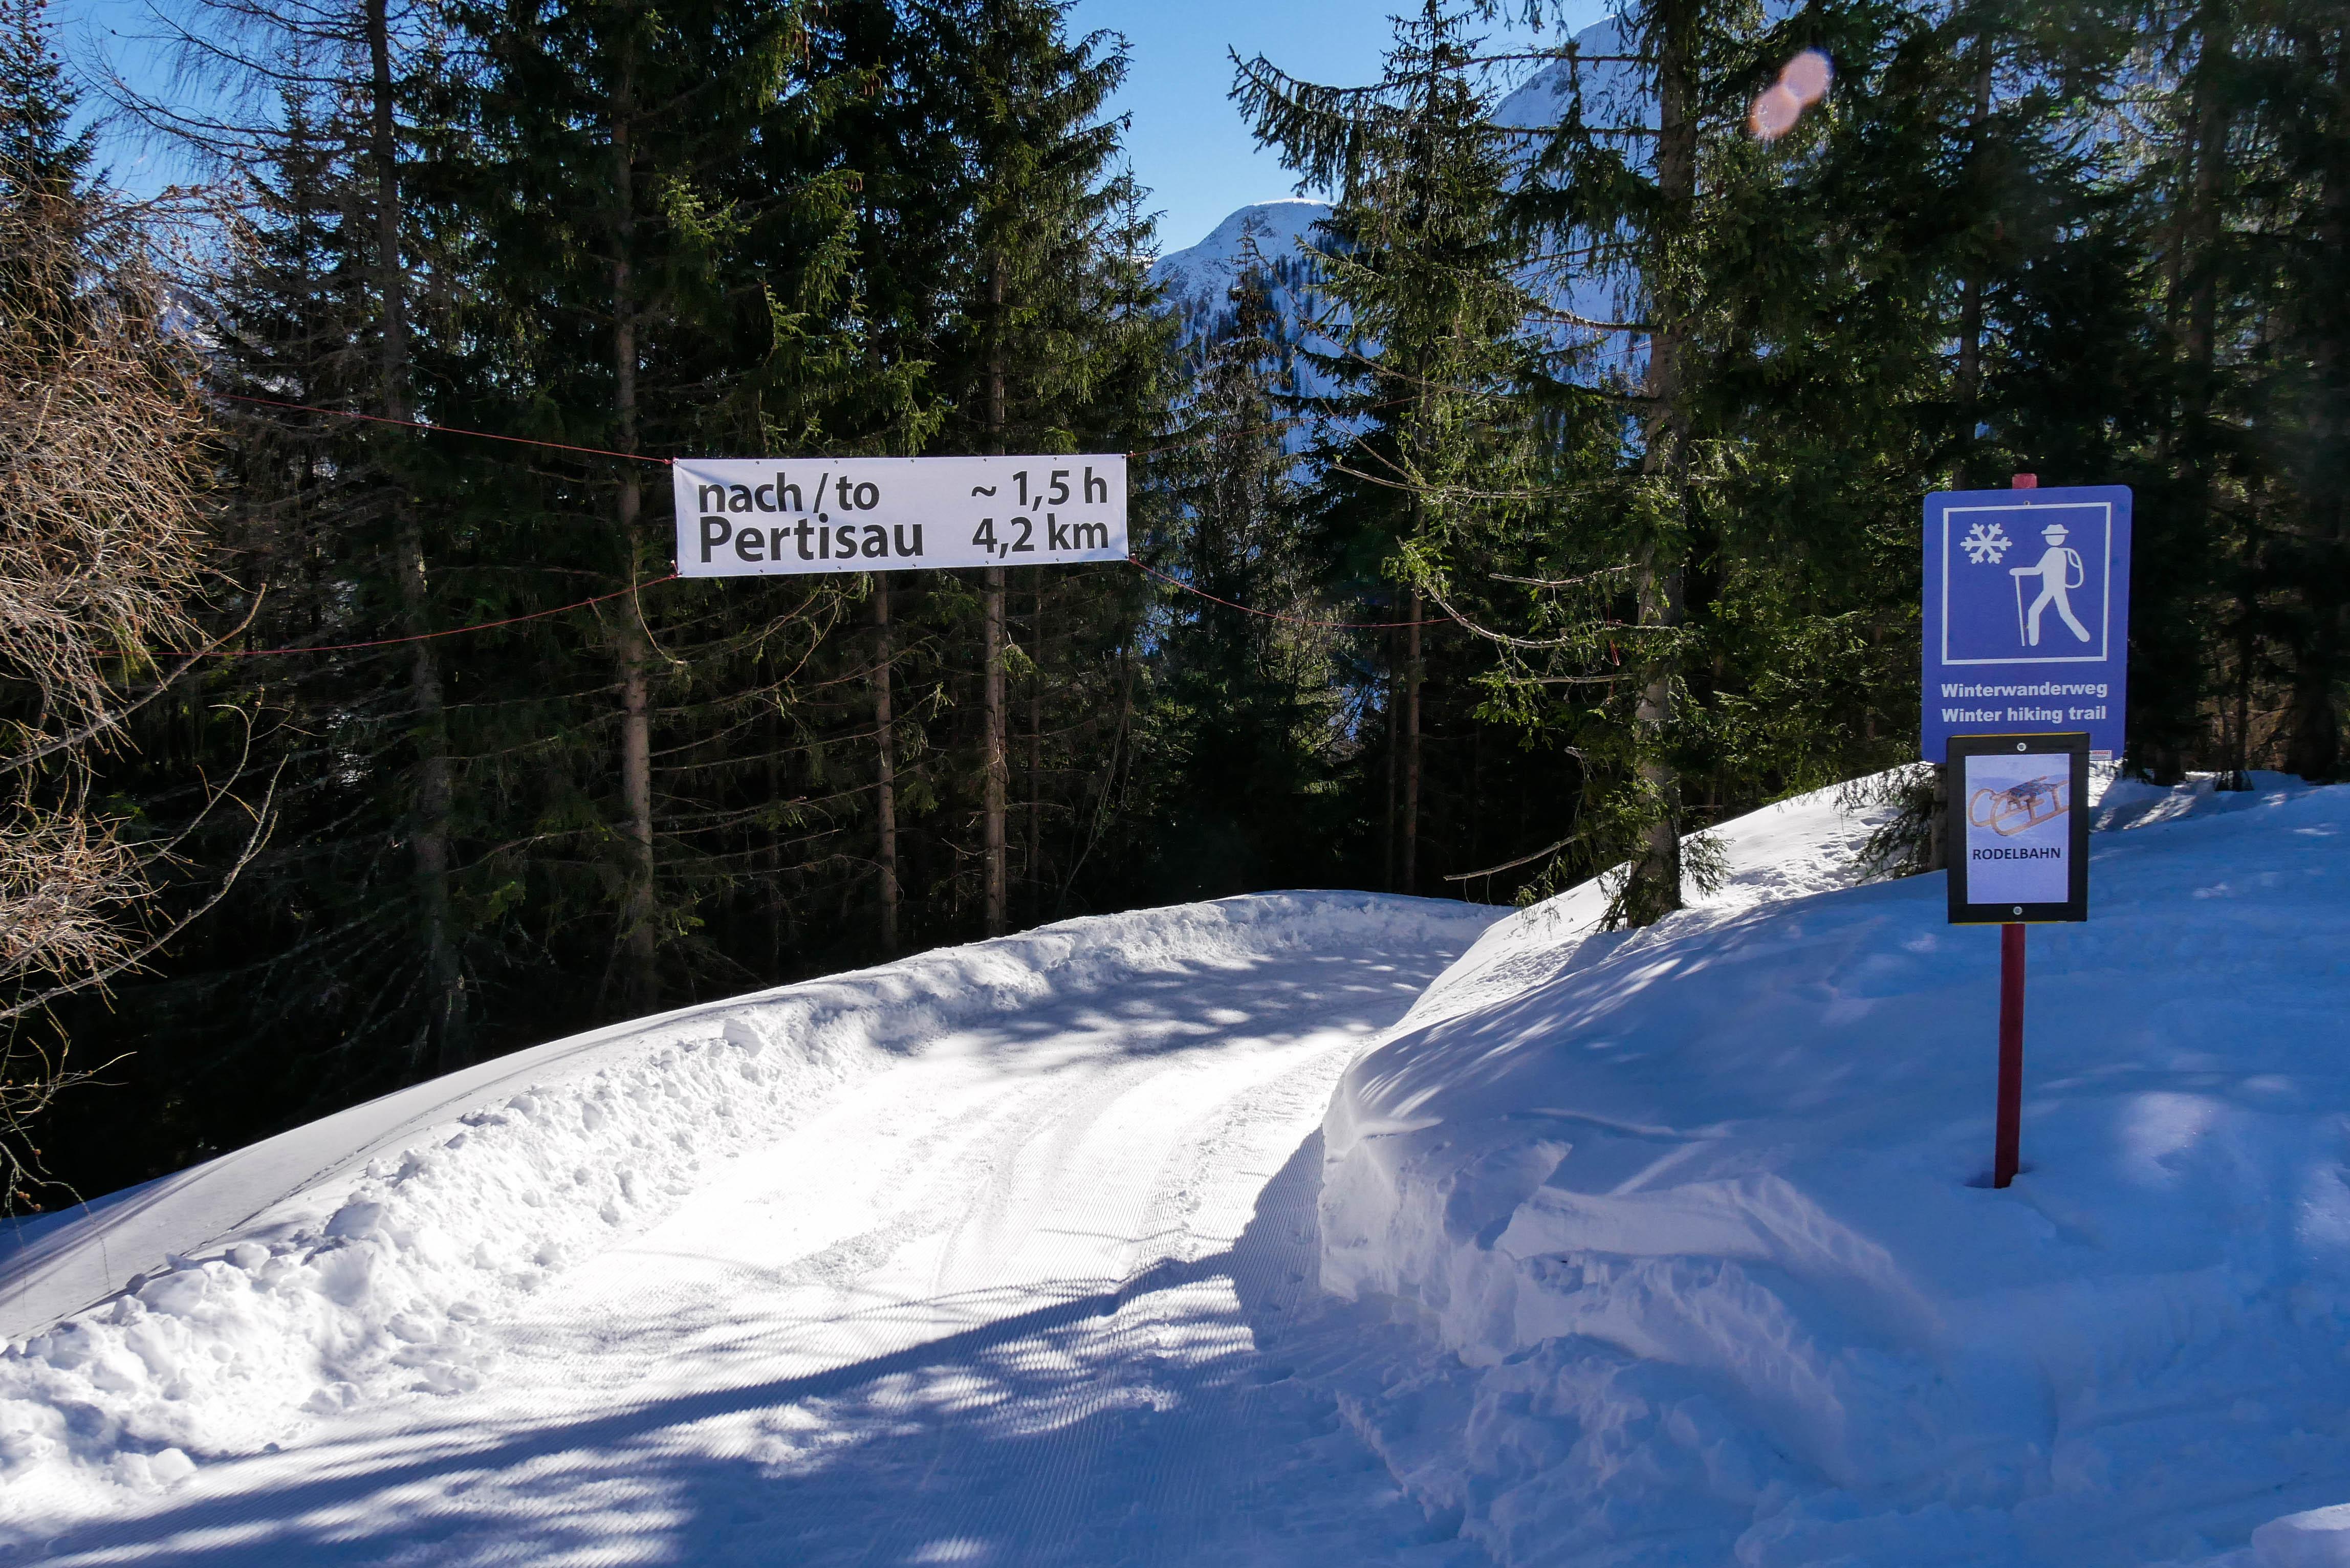 Winterwandern Zwölferkopfstraße